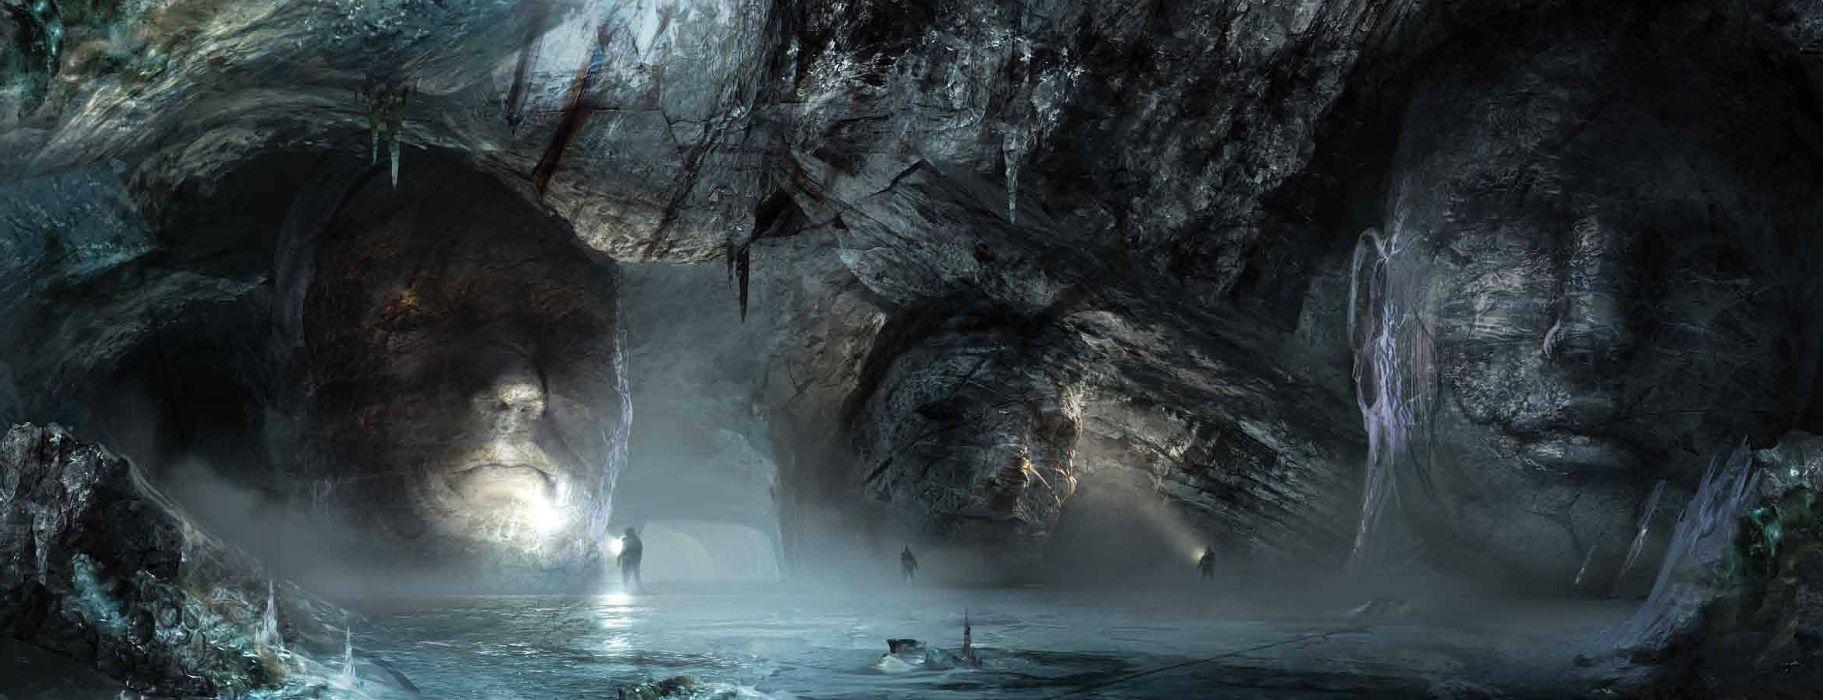 PROMETHEUS adventure mystery sci-fi futuristic wallpaper